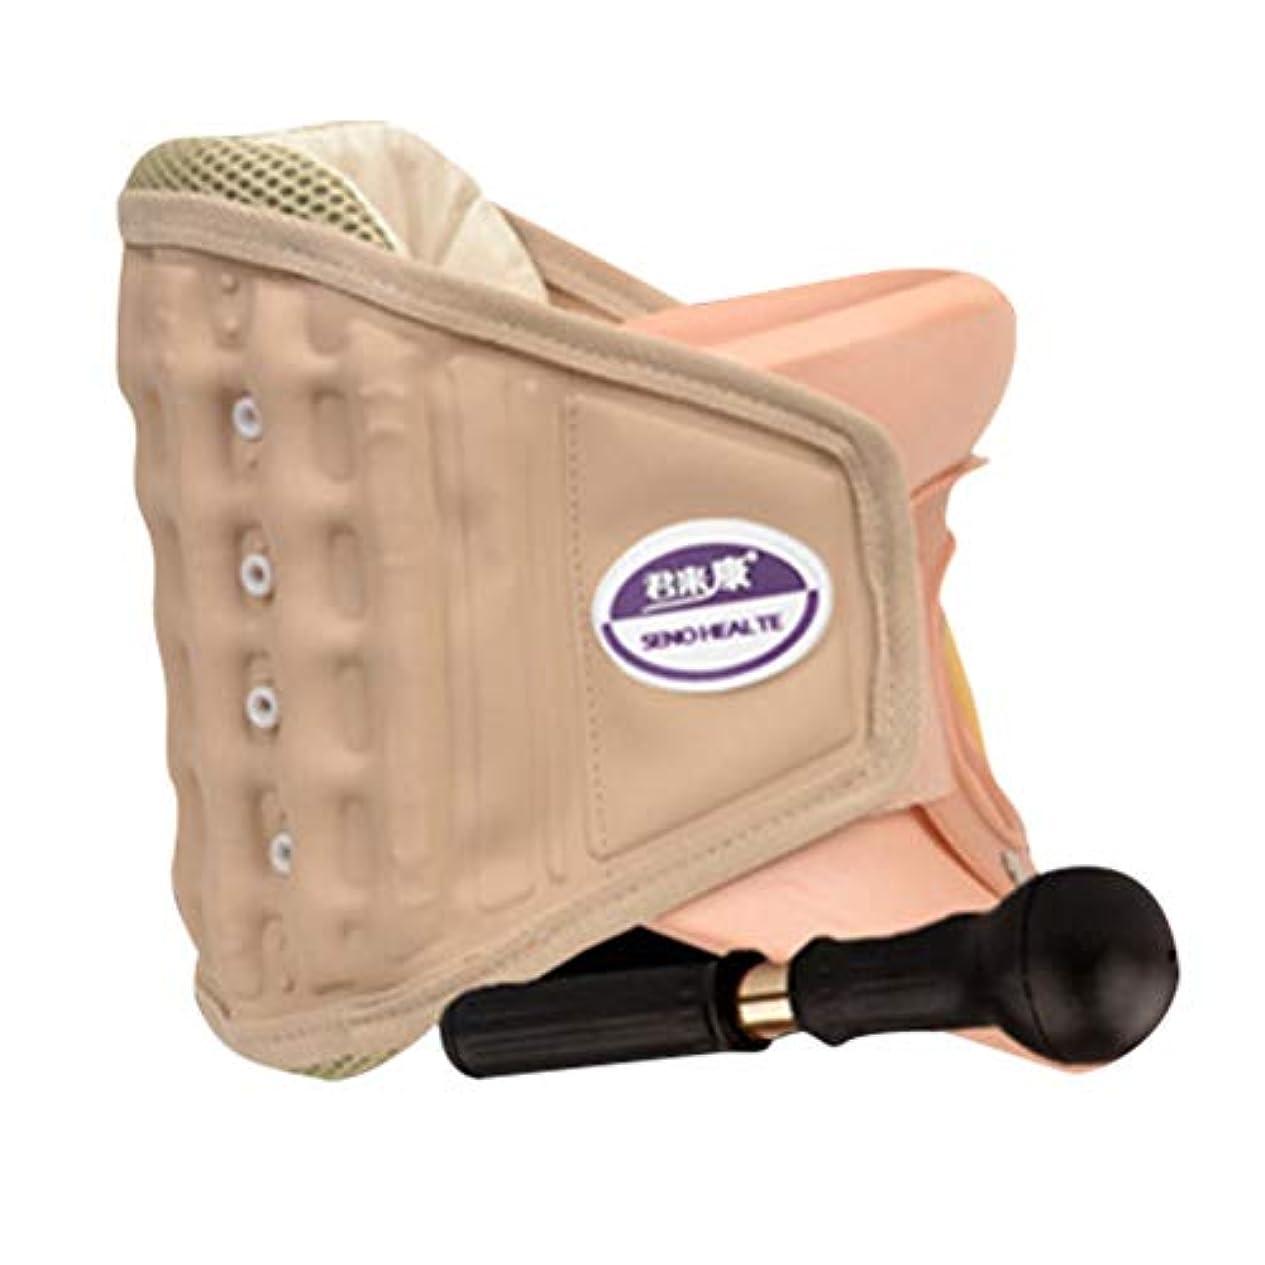 もし遠近法ハリケーンSUPVOX 頸部首牽引襟デバイス装具椎骨サポートベルト付きポンプポータブルネックマッサージャー